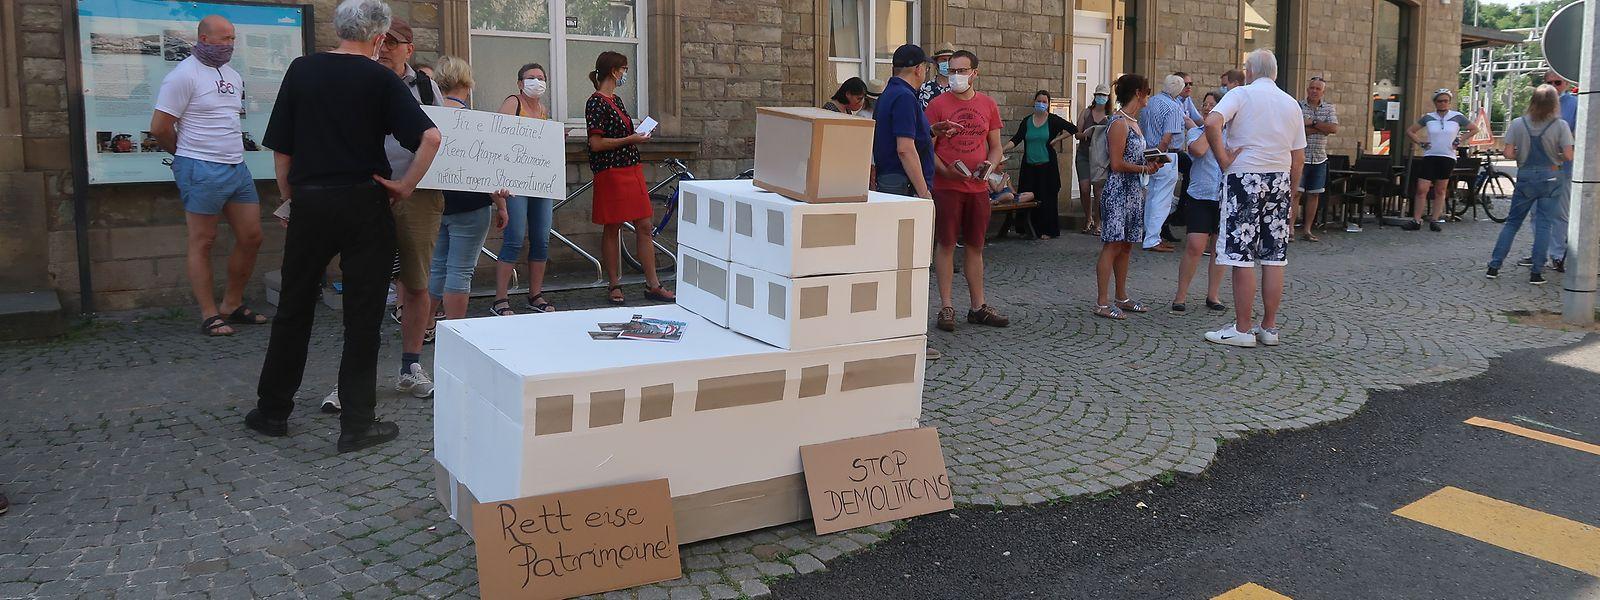 Zwischen 20 und 30 Personen hatten sich am Samstagmorgen in Ettelbrück auf der Place de la Gare eingefunden, um gegen den Abriss des Bahnhofsgebäudes zu protestieren.